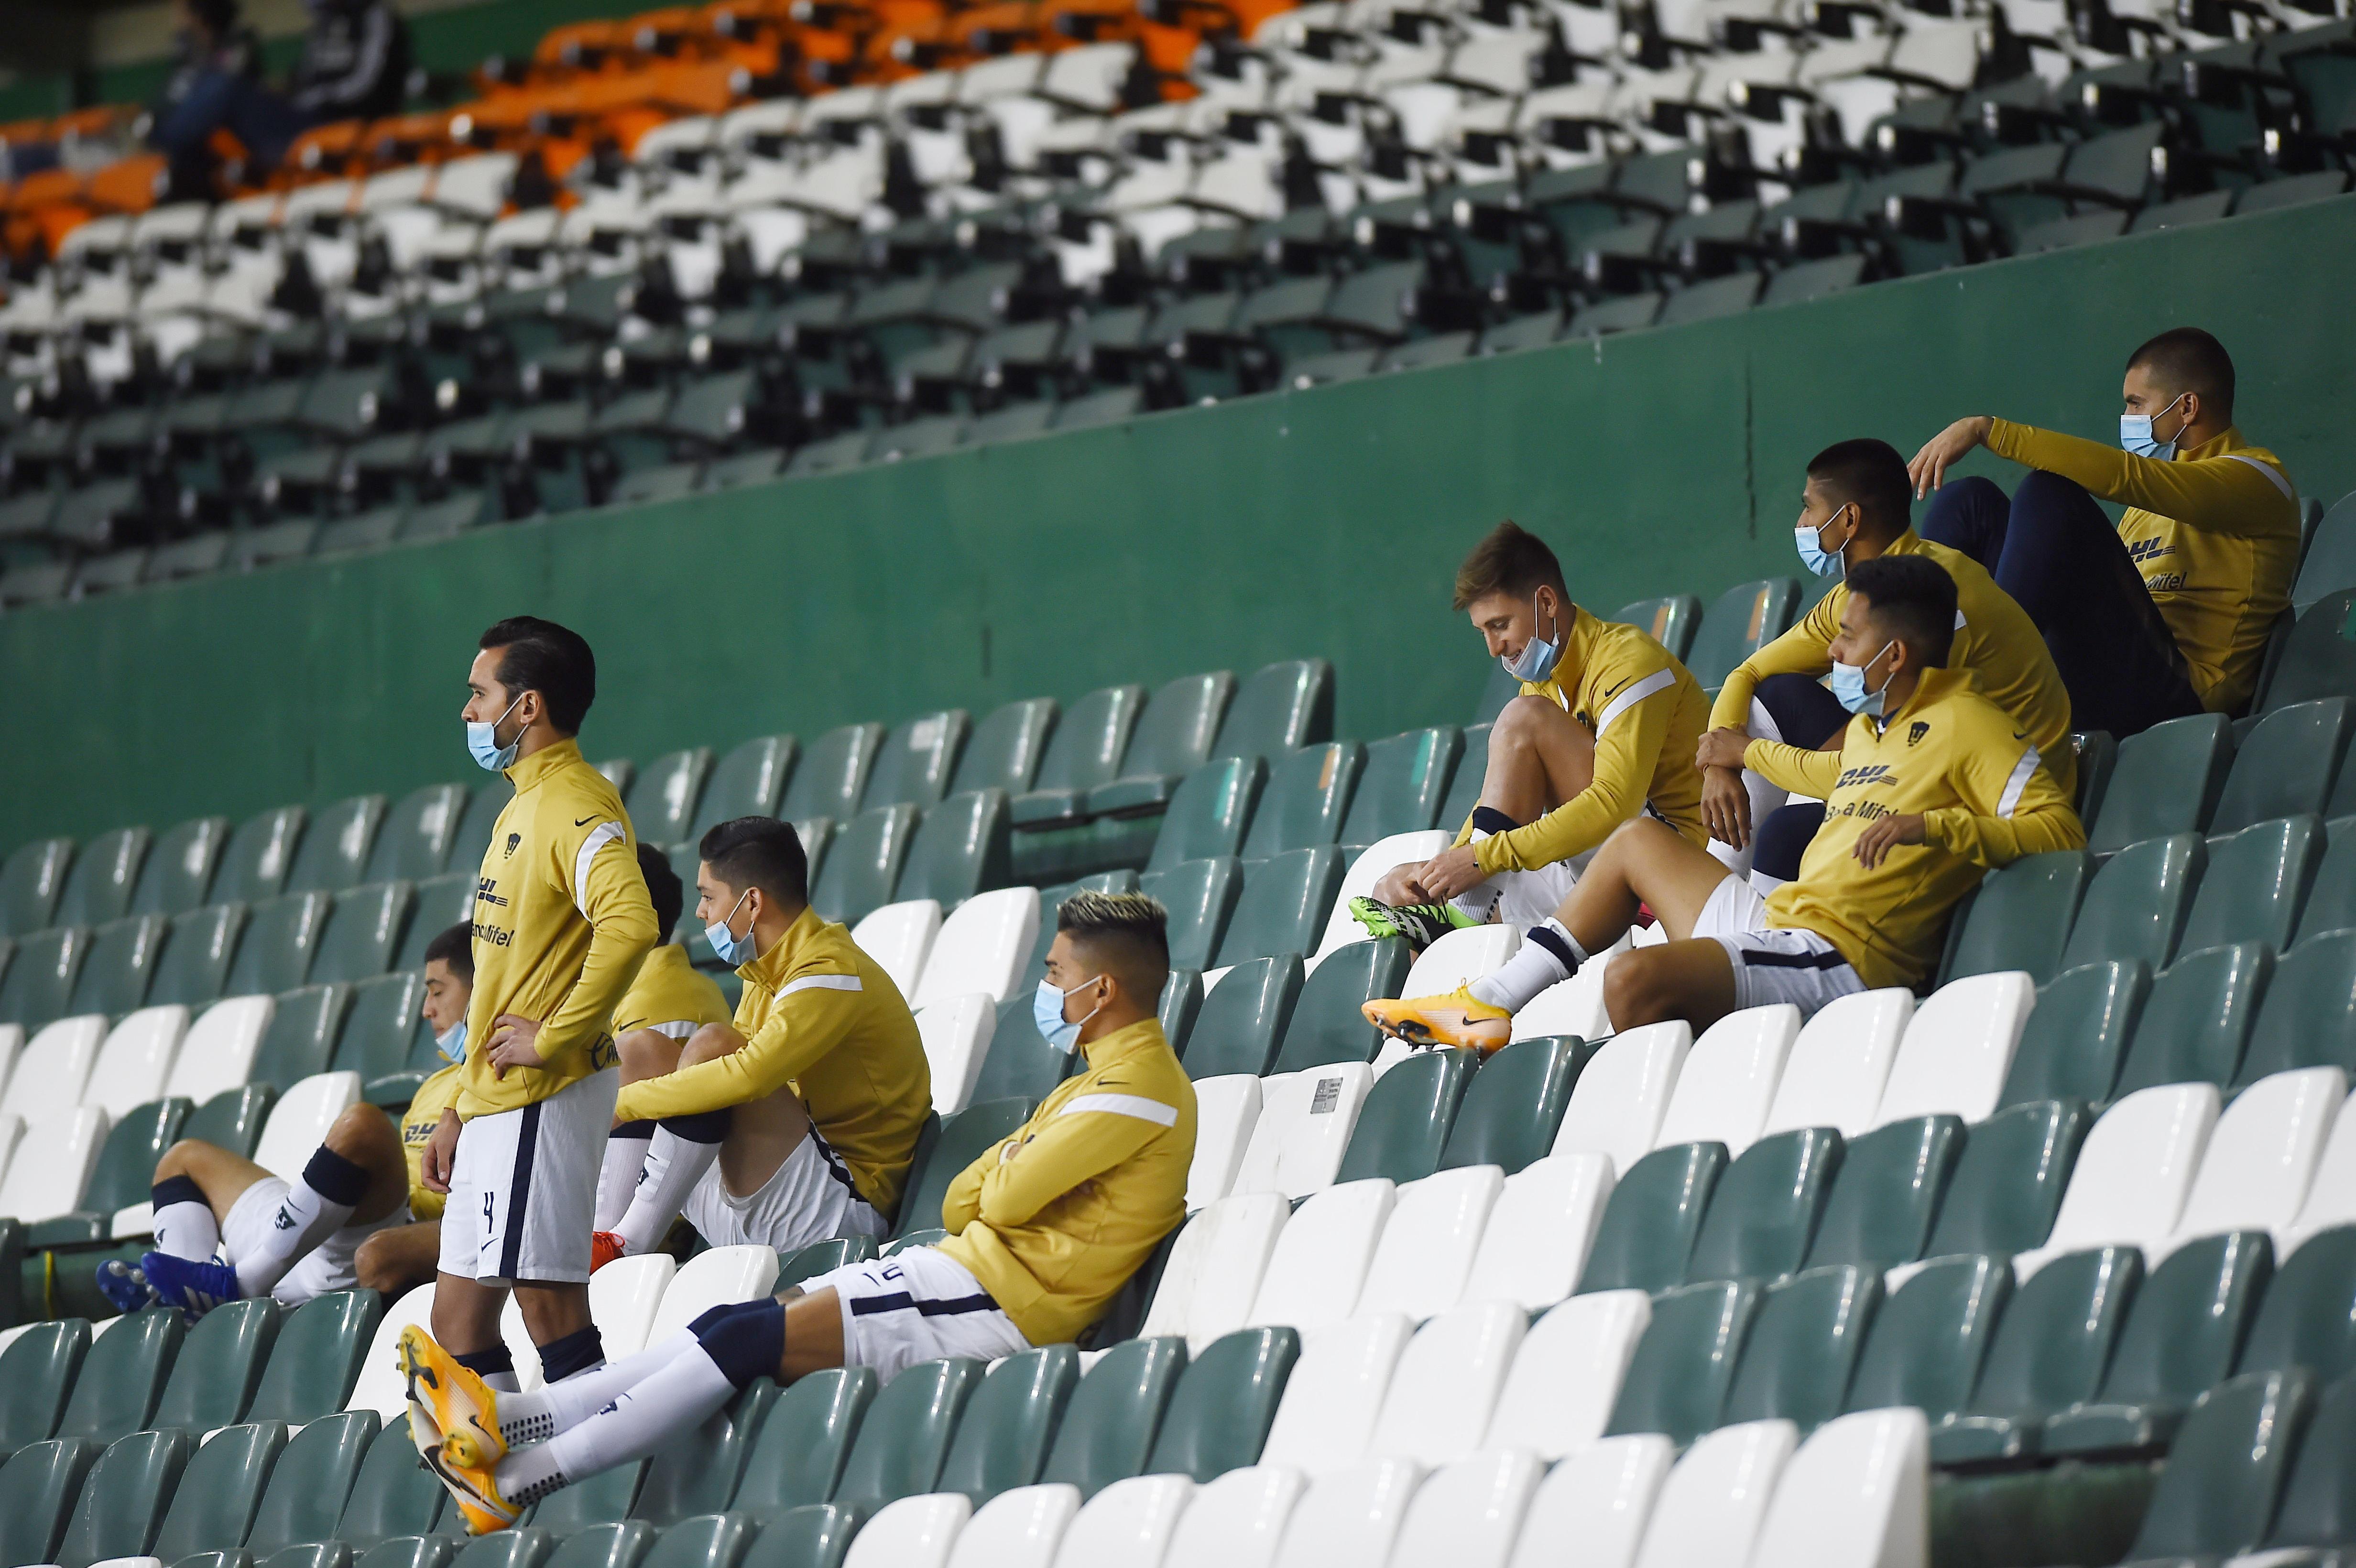 Estadio León, México. El 13 de diciembre de 2020.